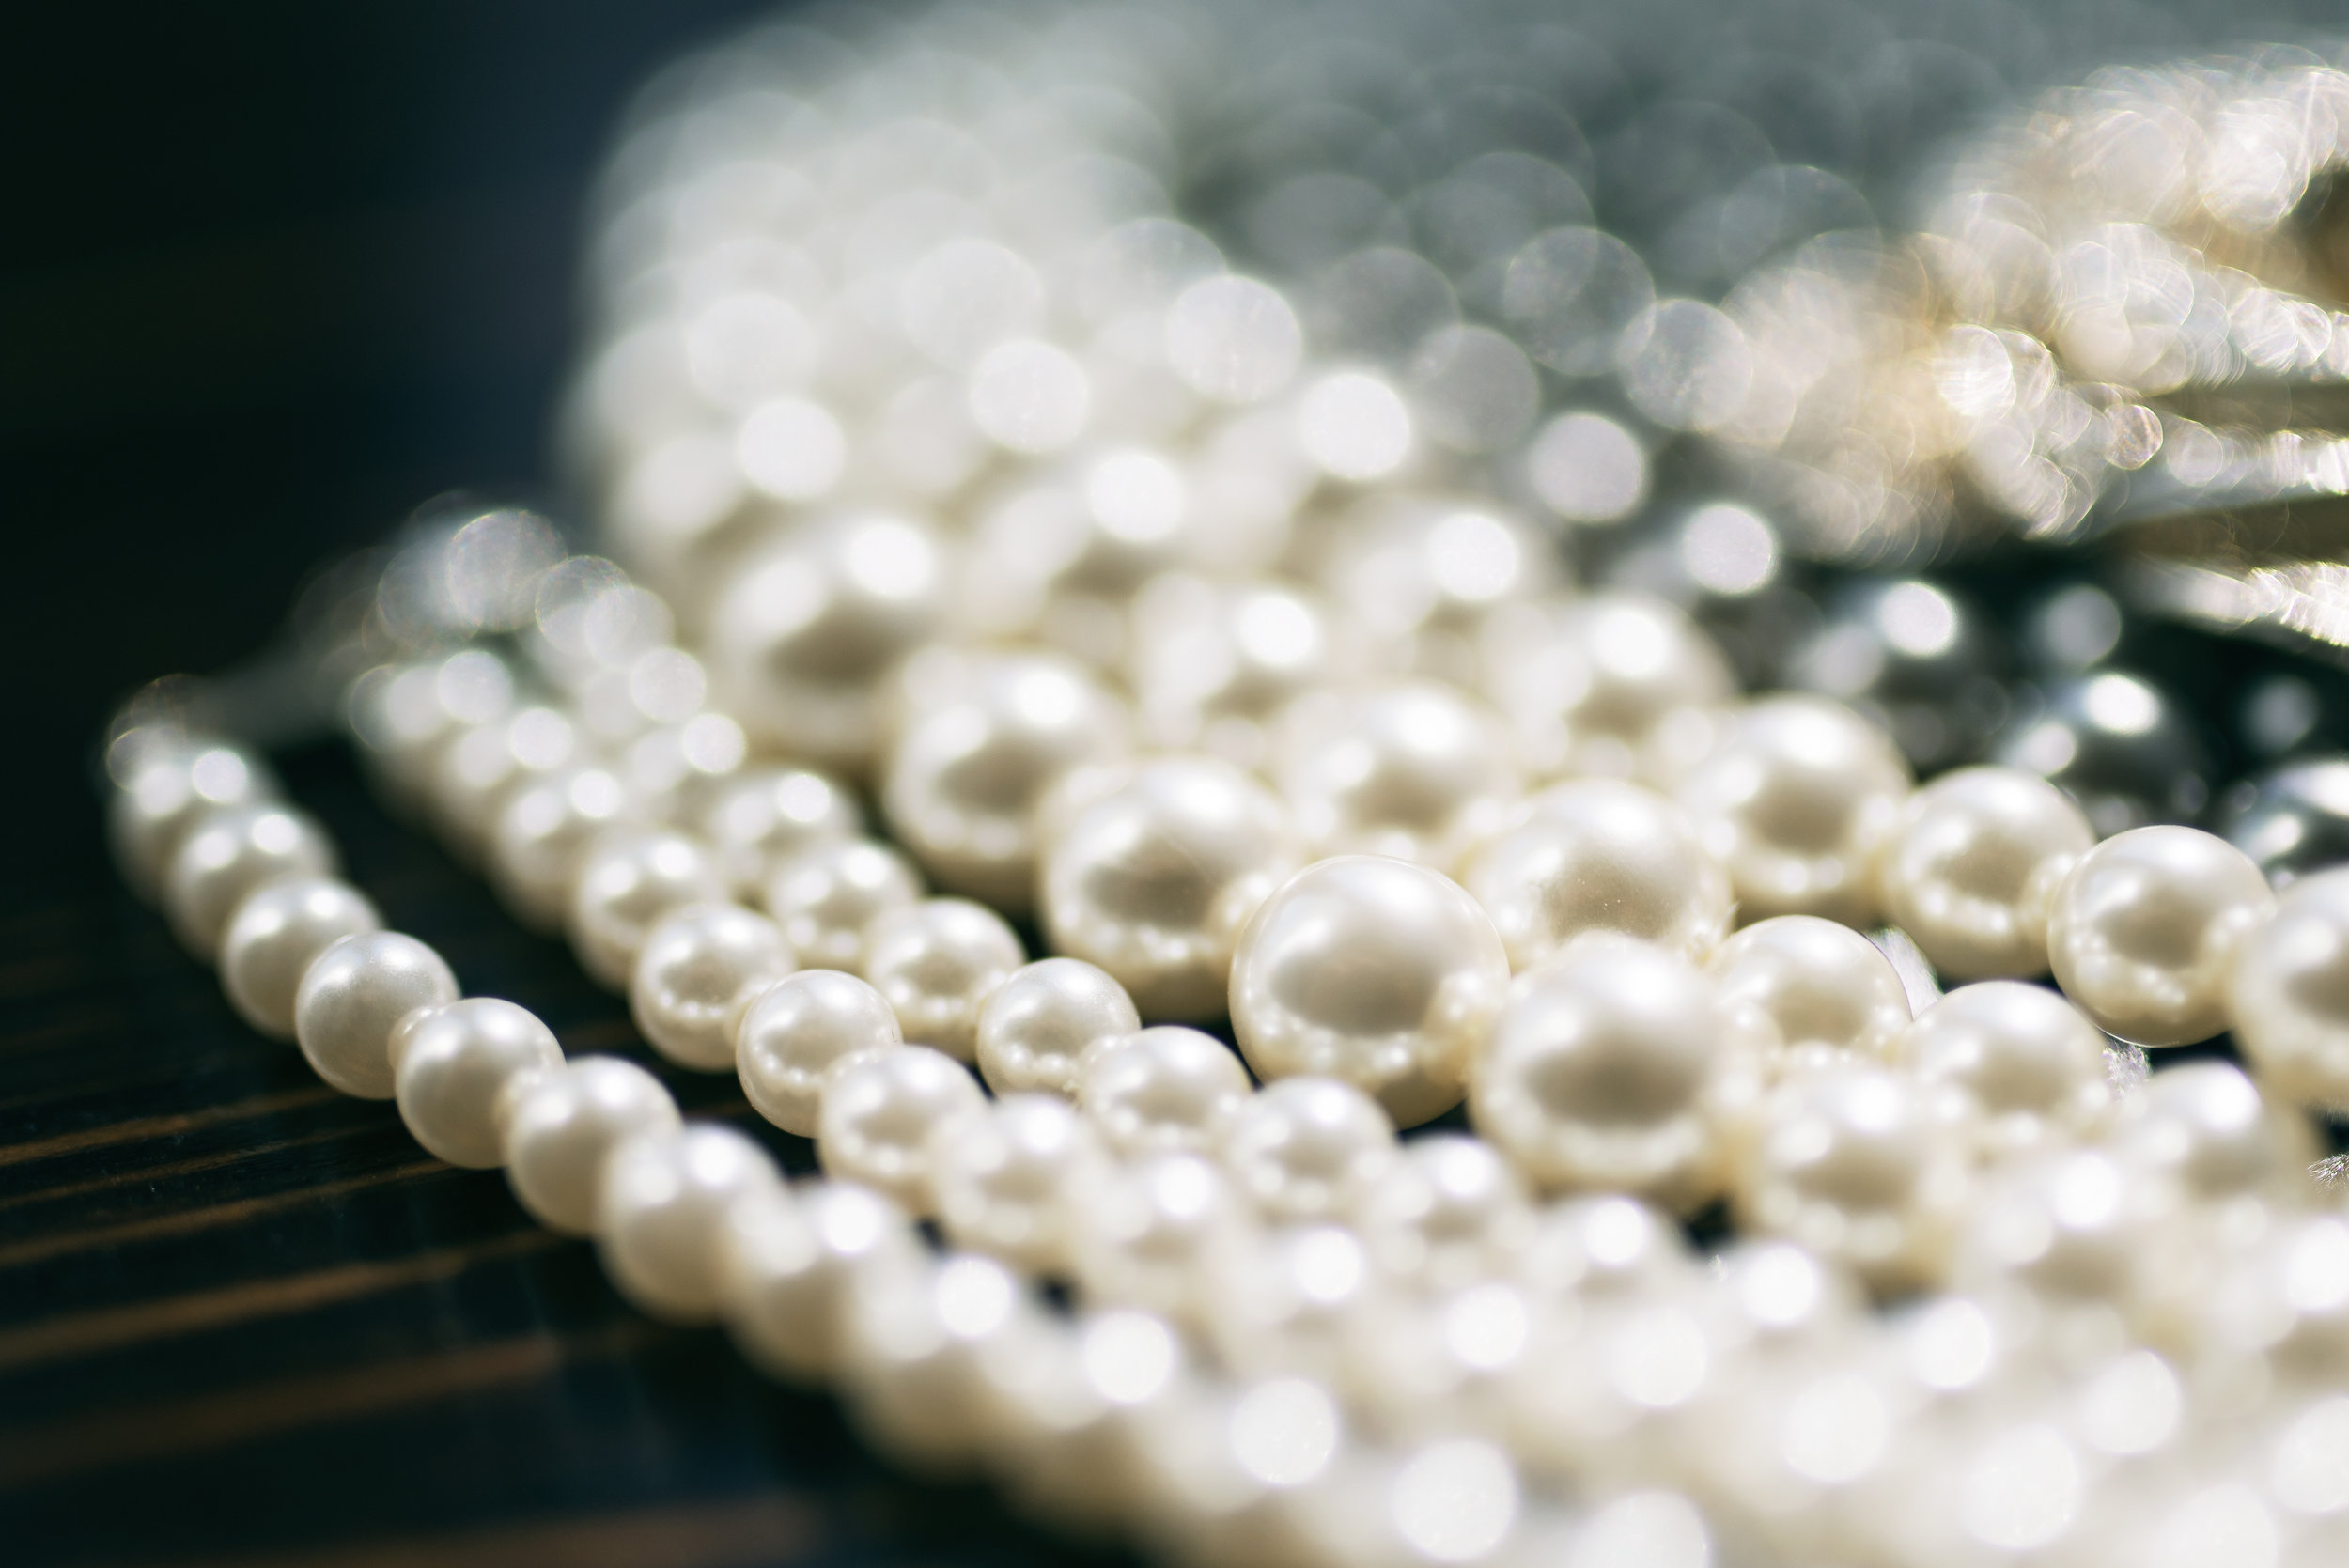 - Les accessoires tels que colliers, boucles d'oreilles, bagues et bracelets attirent l'attention. Les bijoux vont donner du relief, révéler une personnalité, affirmer un style.